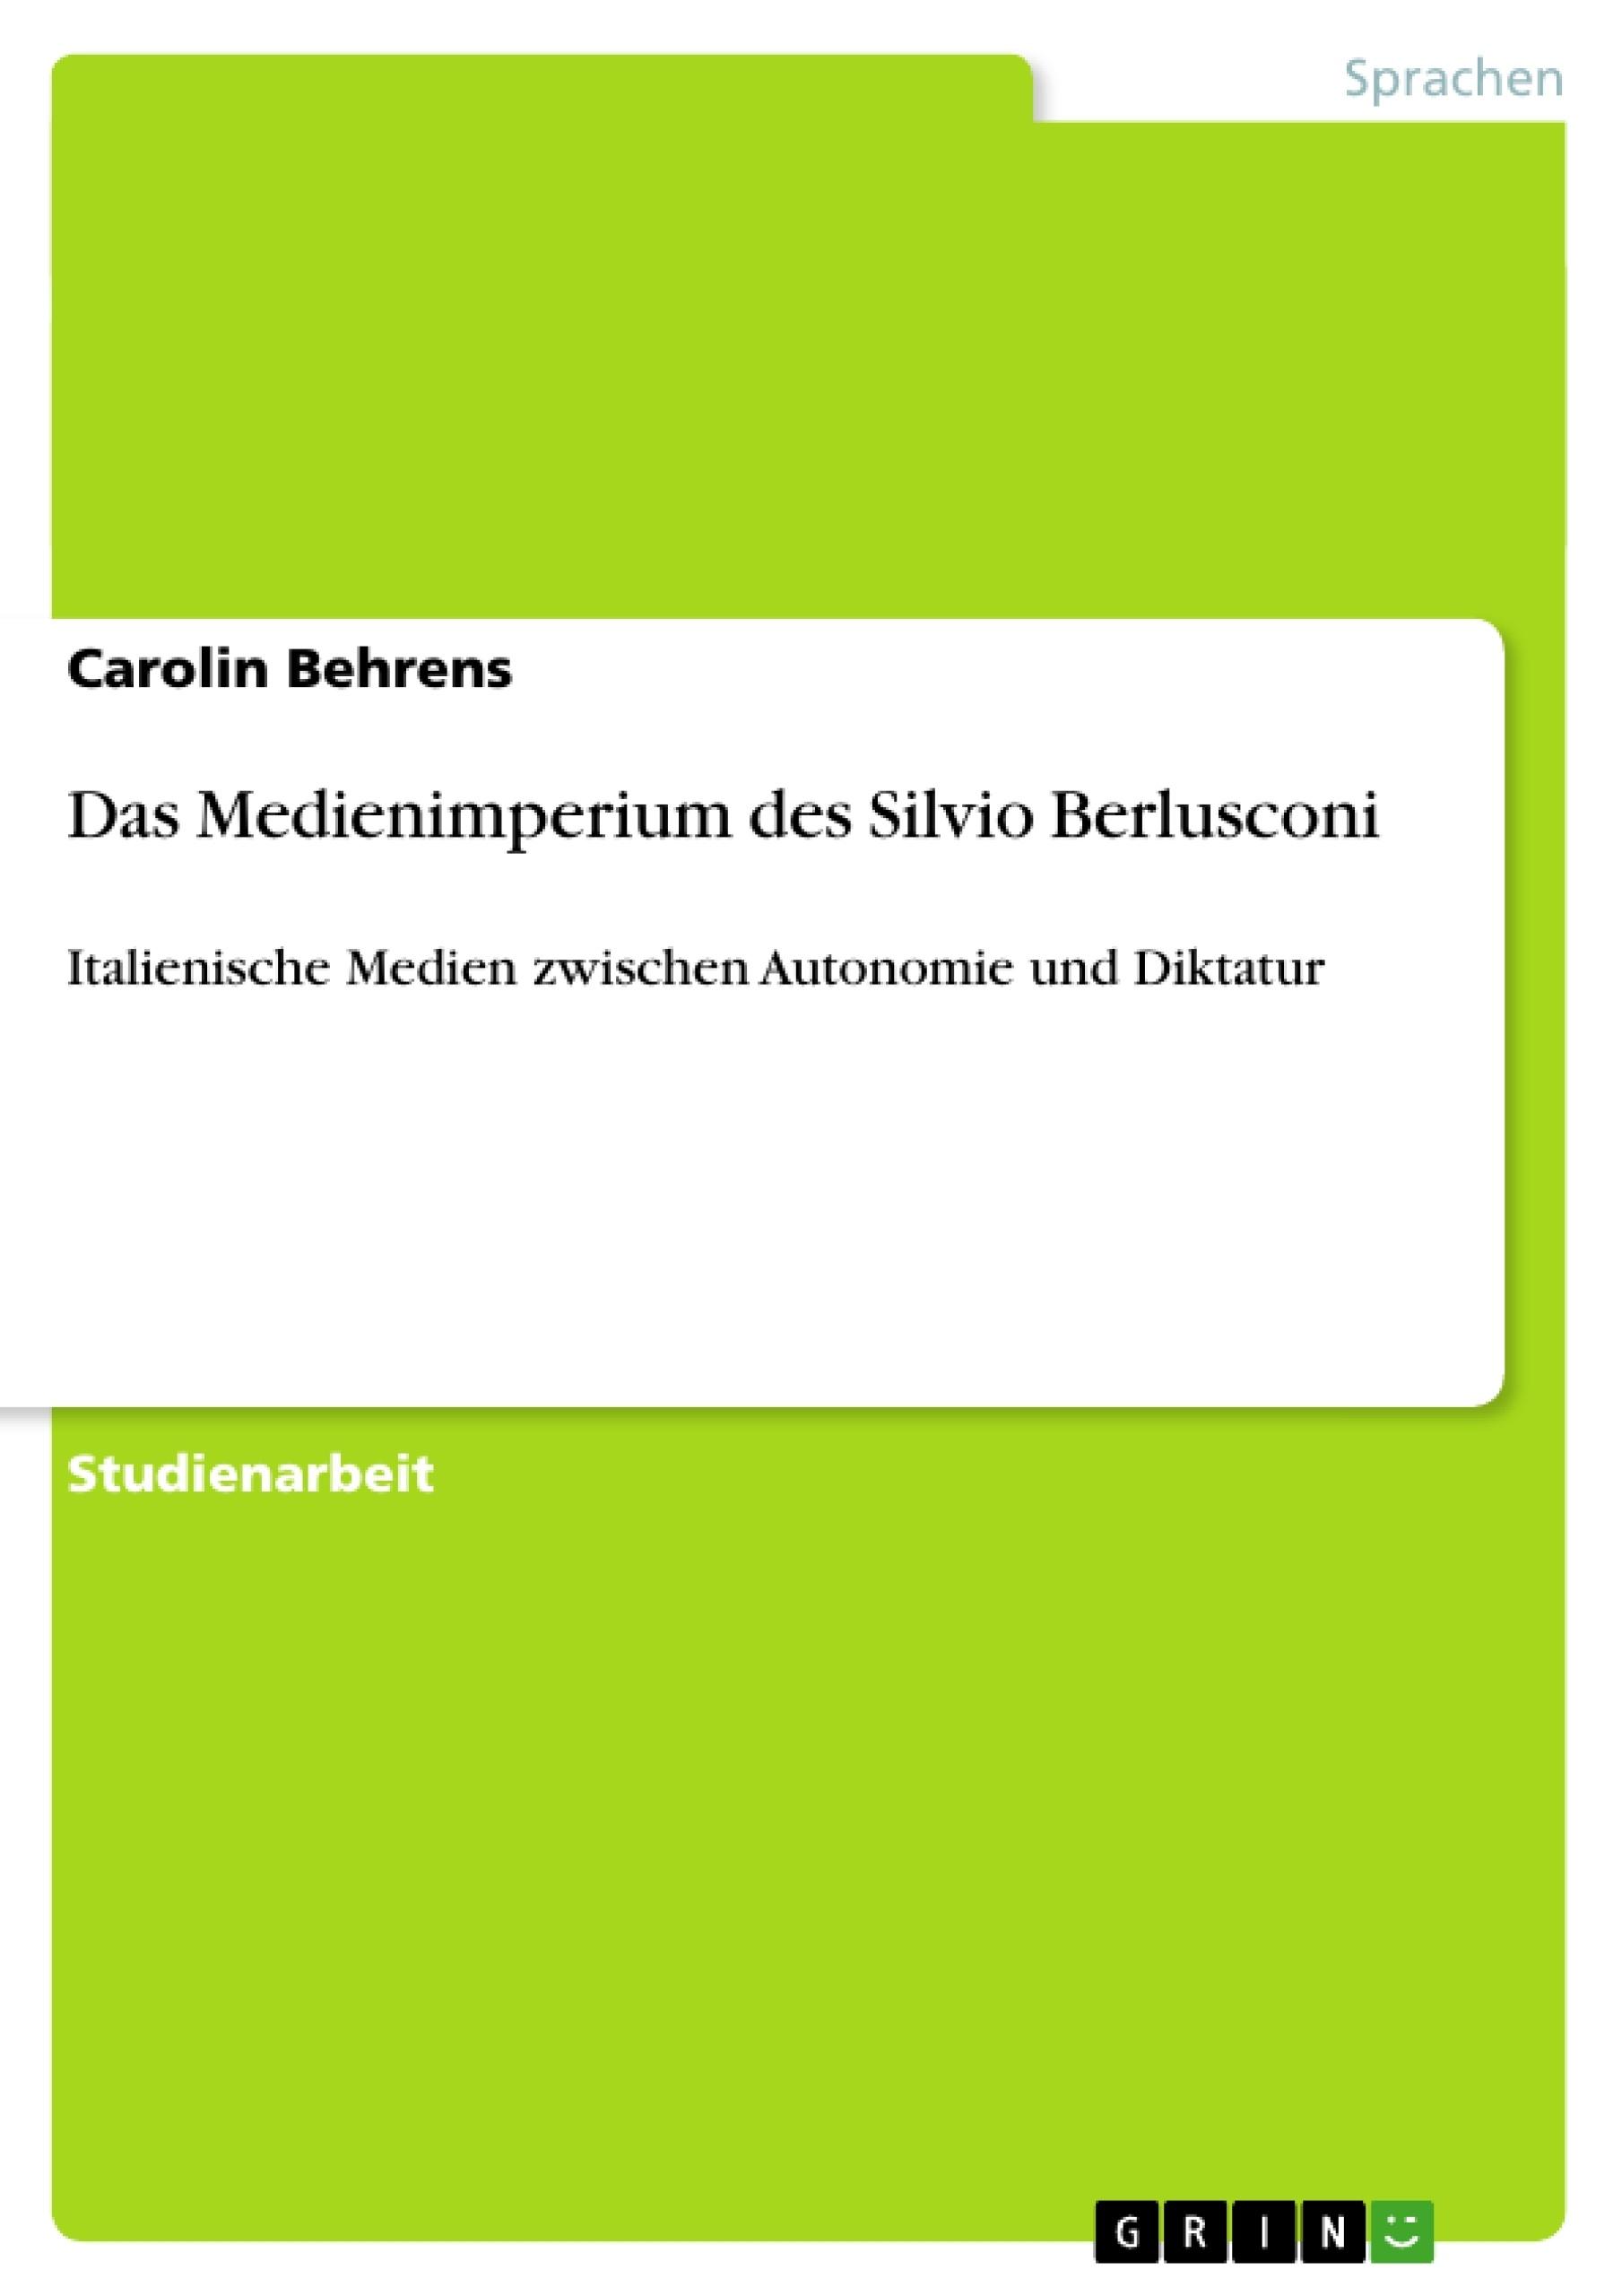 Titel: Das Medienimperium des Silvio Berlusconi